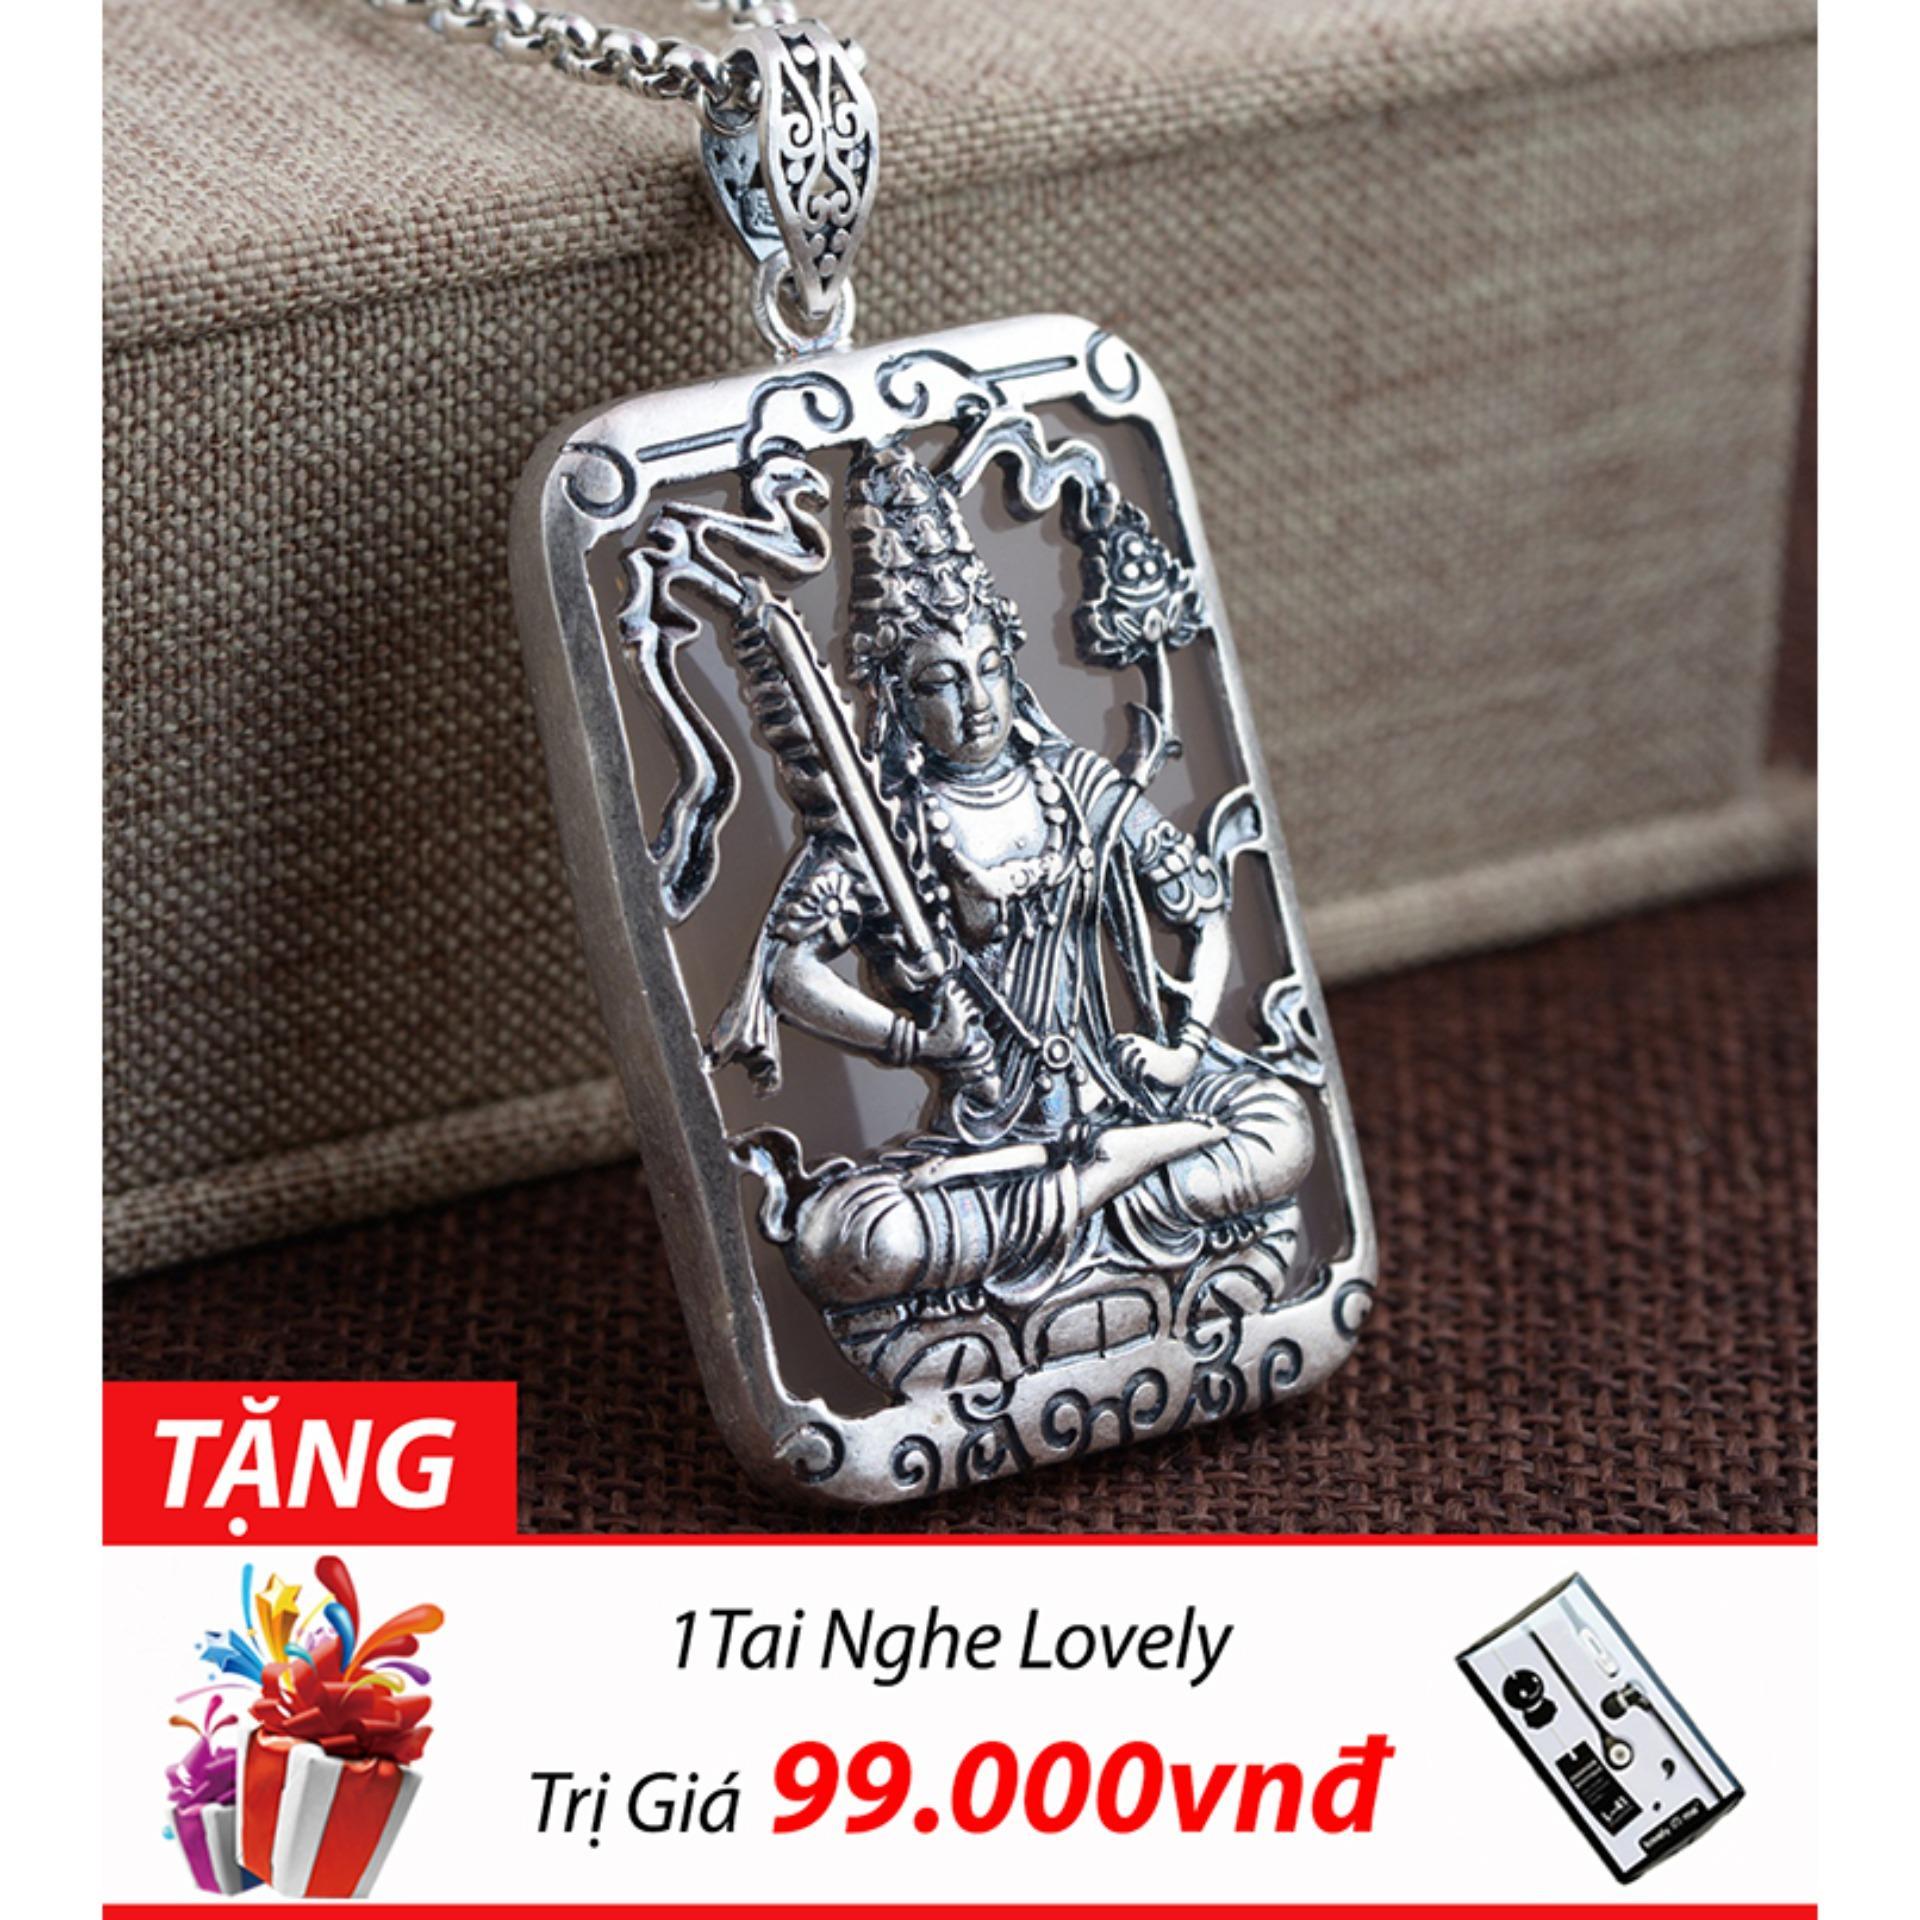 Mua Mặt Day Chuyền Bạc Nam Phật Hư Khong Tạng Bồ Tat Chất Liệu Bạc Thai Cao Cấp Thương Hiệu Ganes Silver Bạc Mới